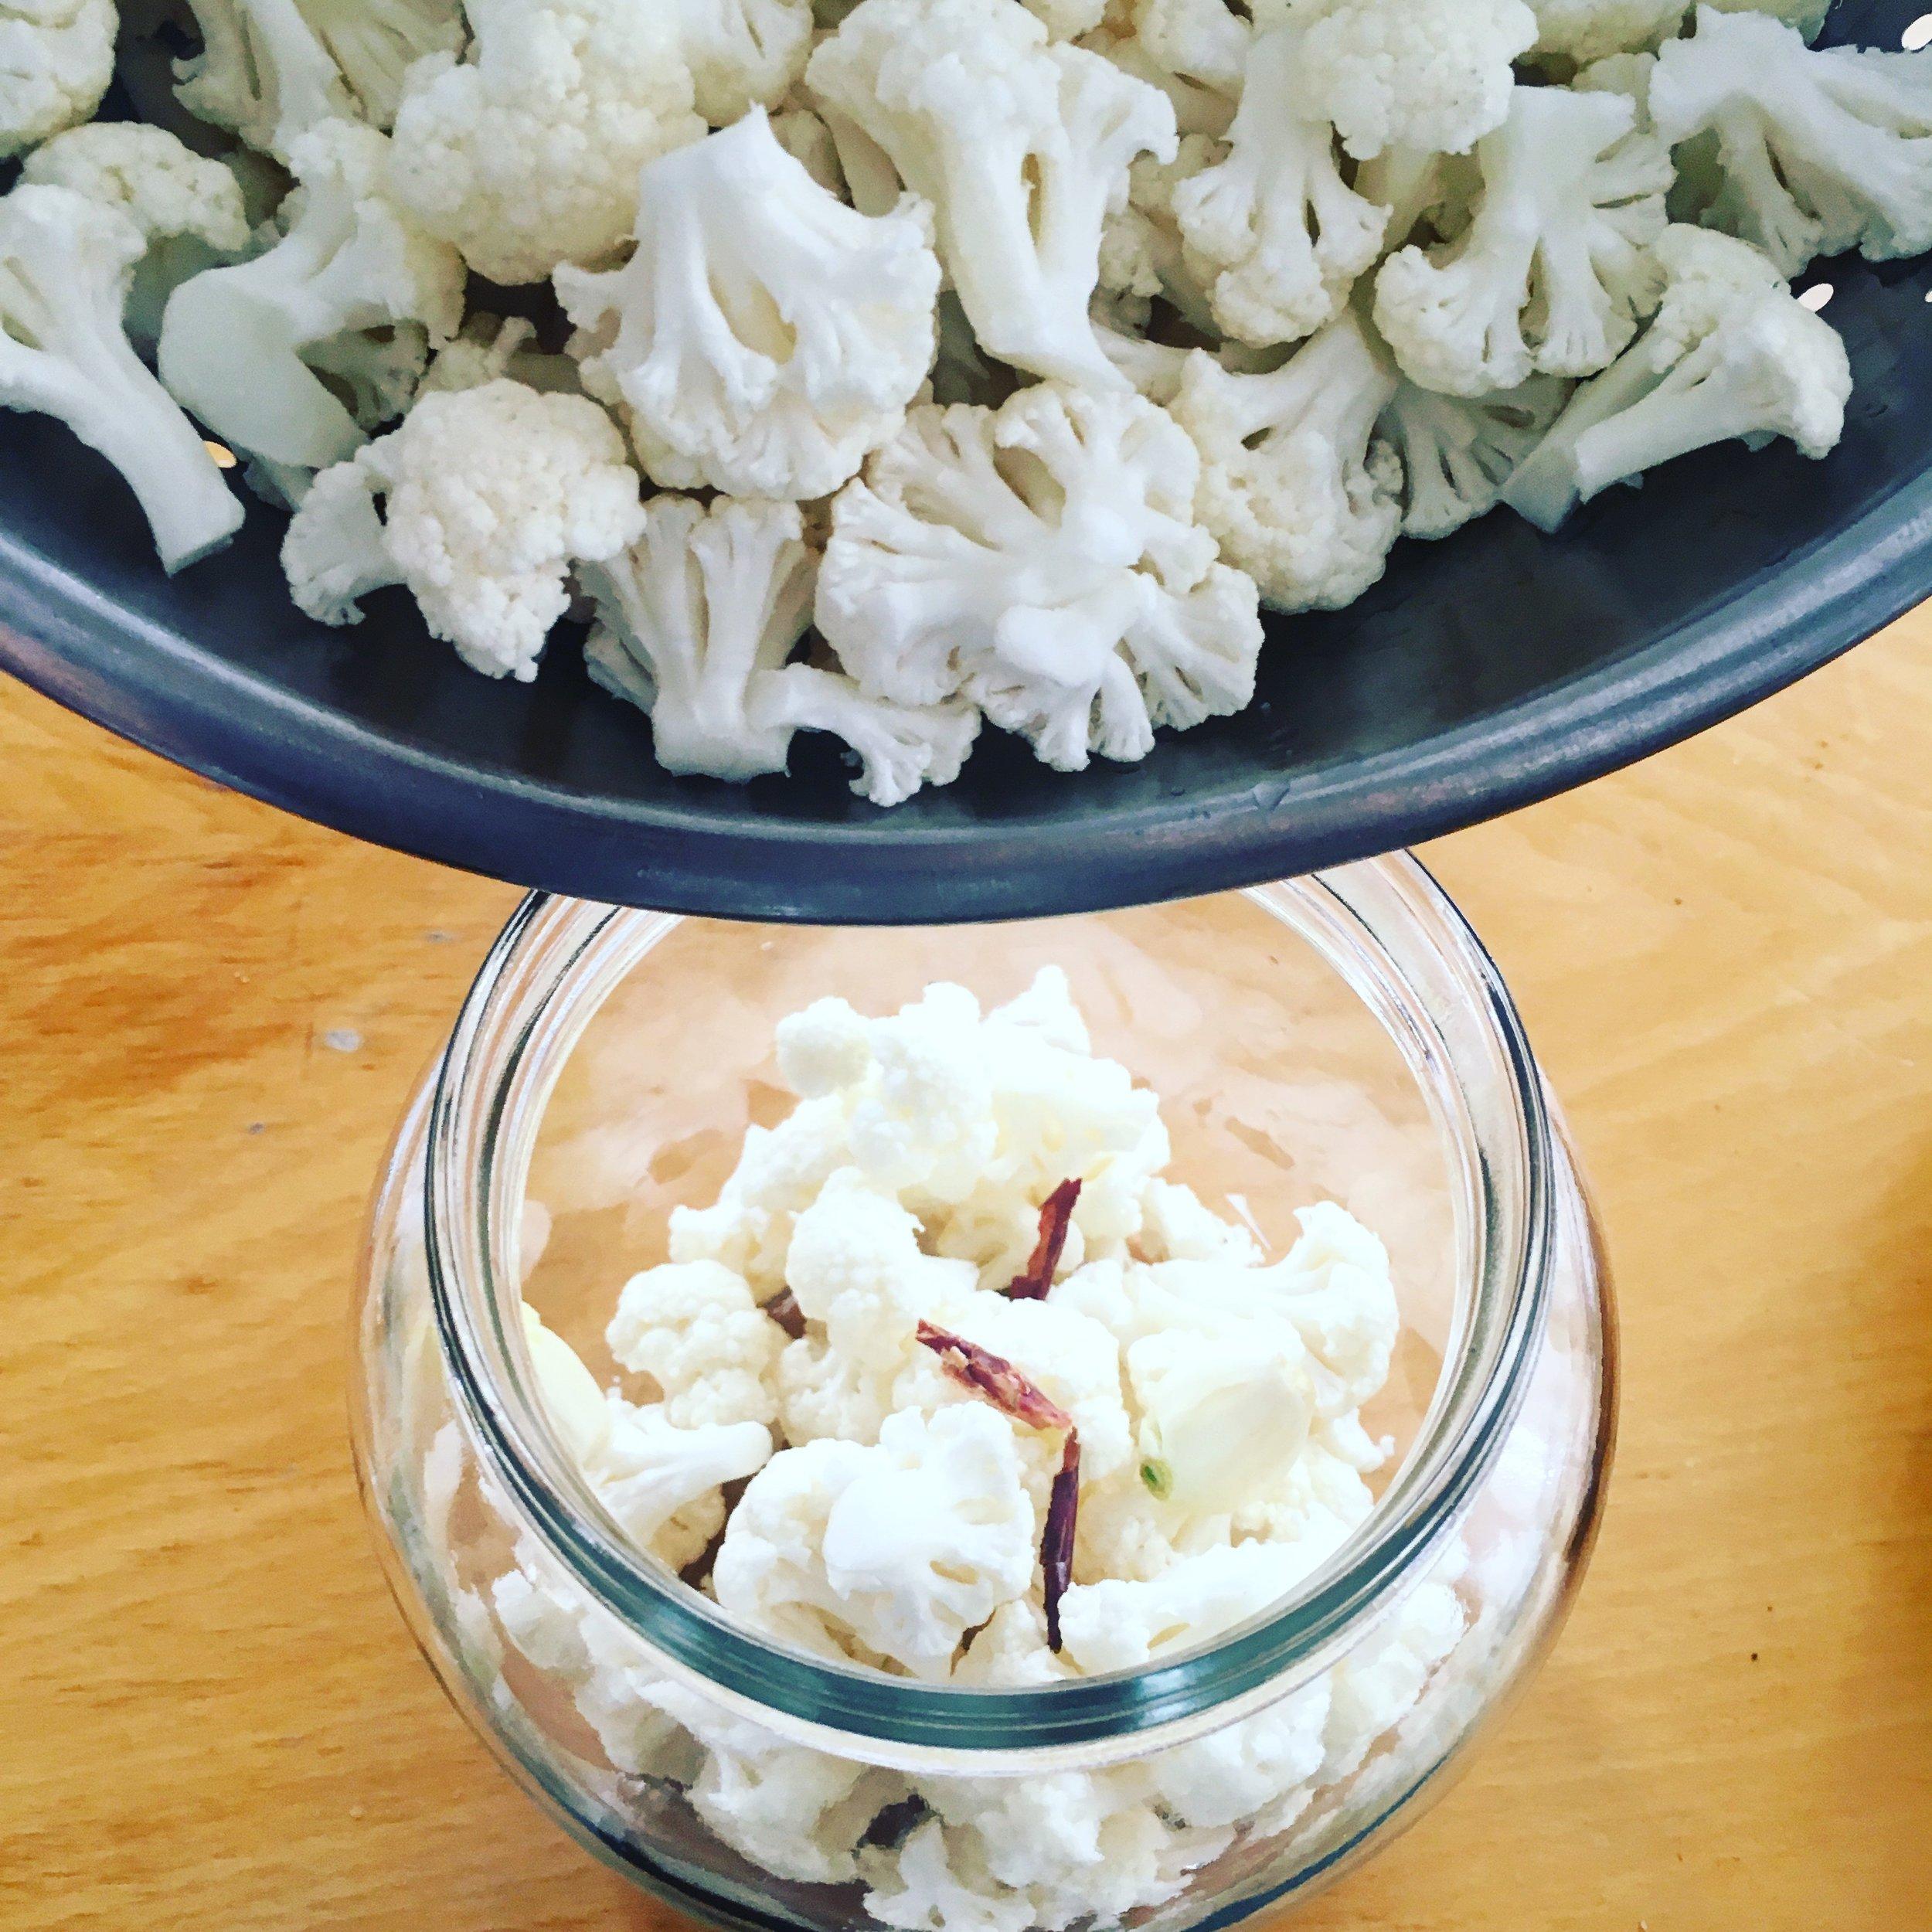 Cauliflower in jar